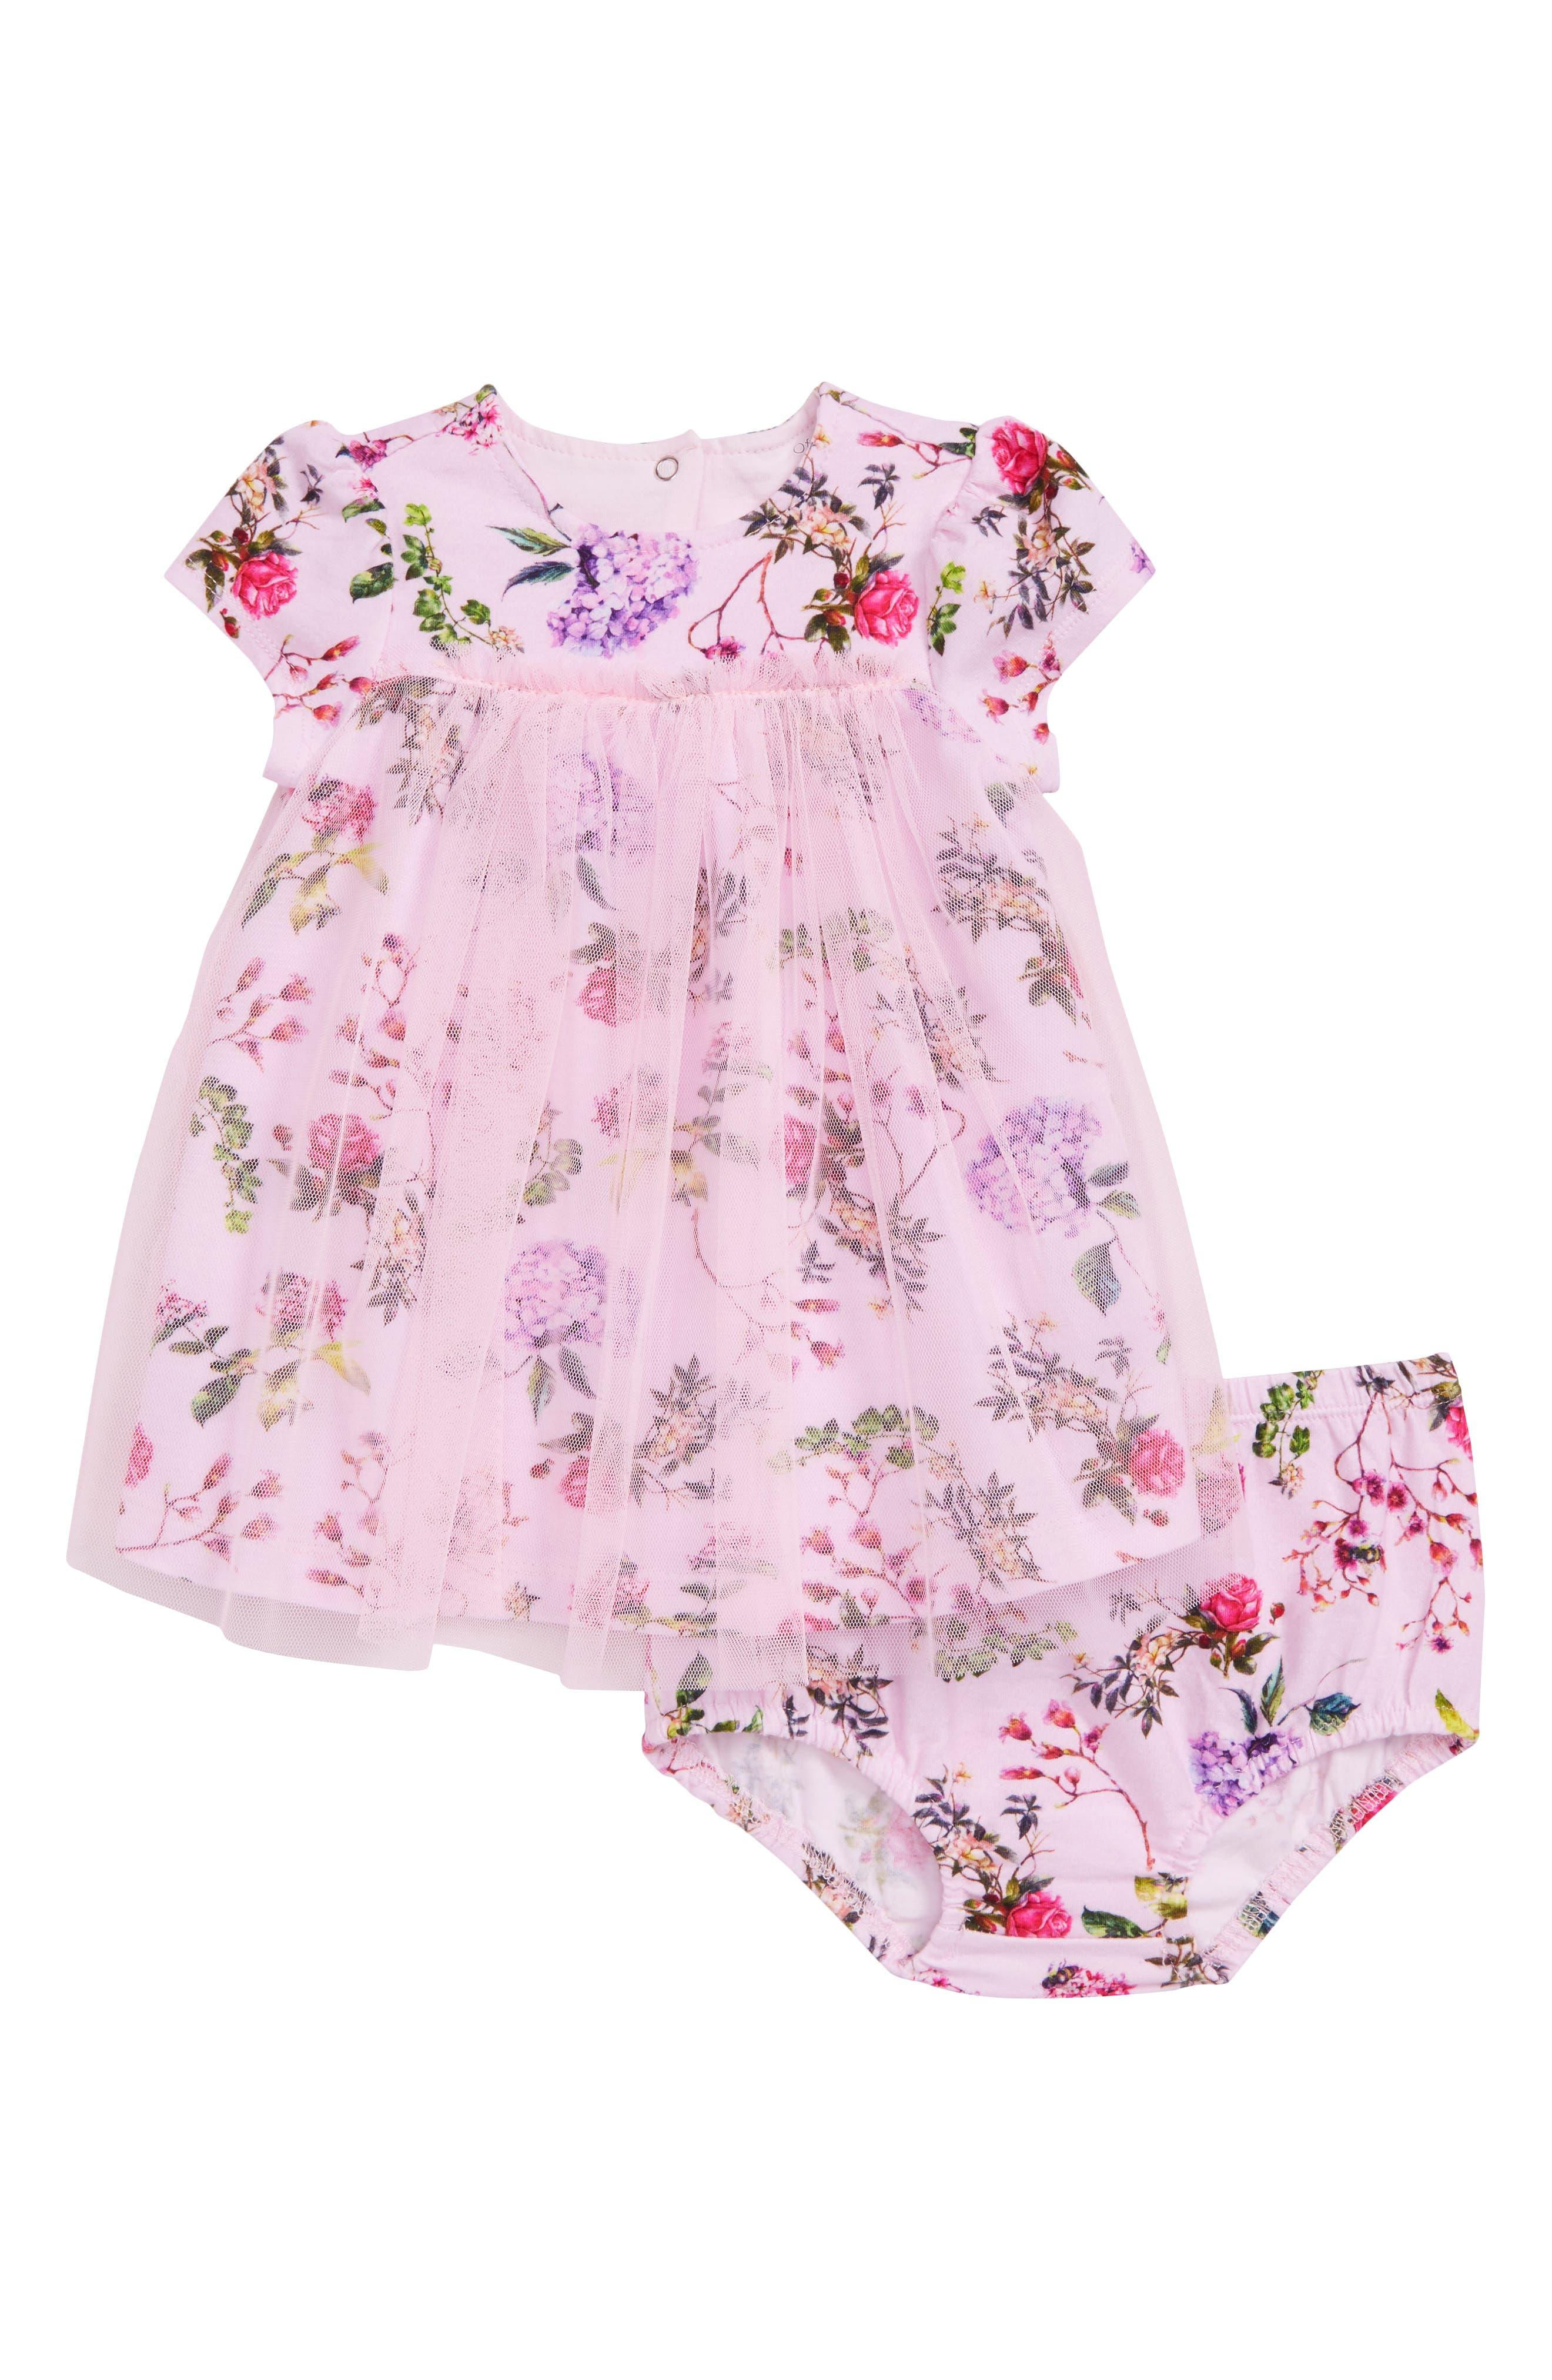 Offspring Botanical Blooms Tulle Dress (Baby Girls)